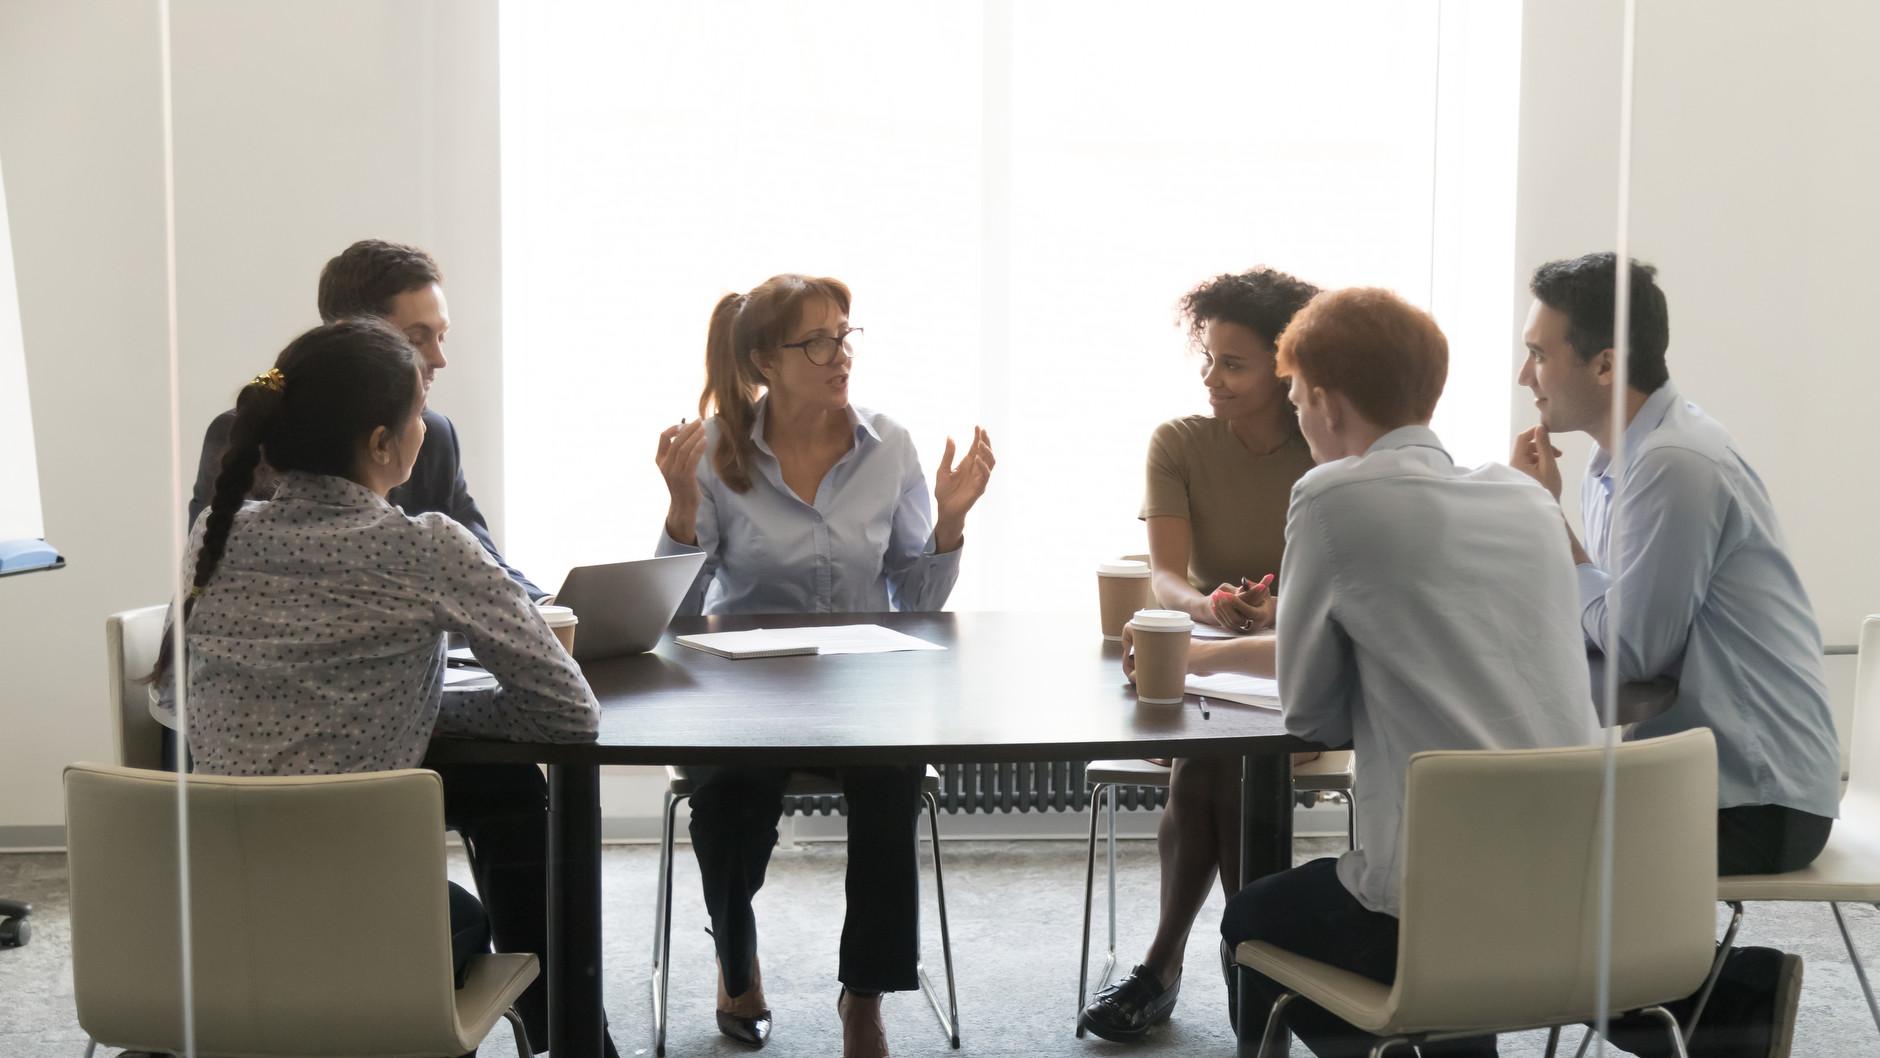 Människor i konferensrum med gestikulerande kvinna i centrum